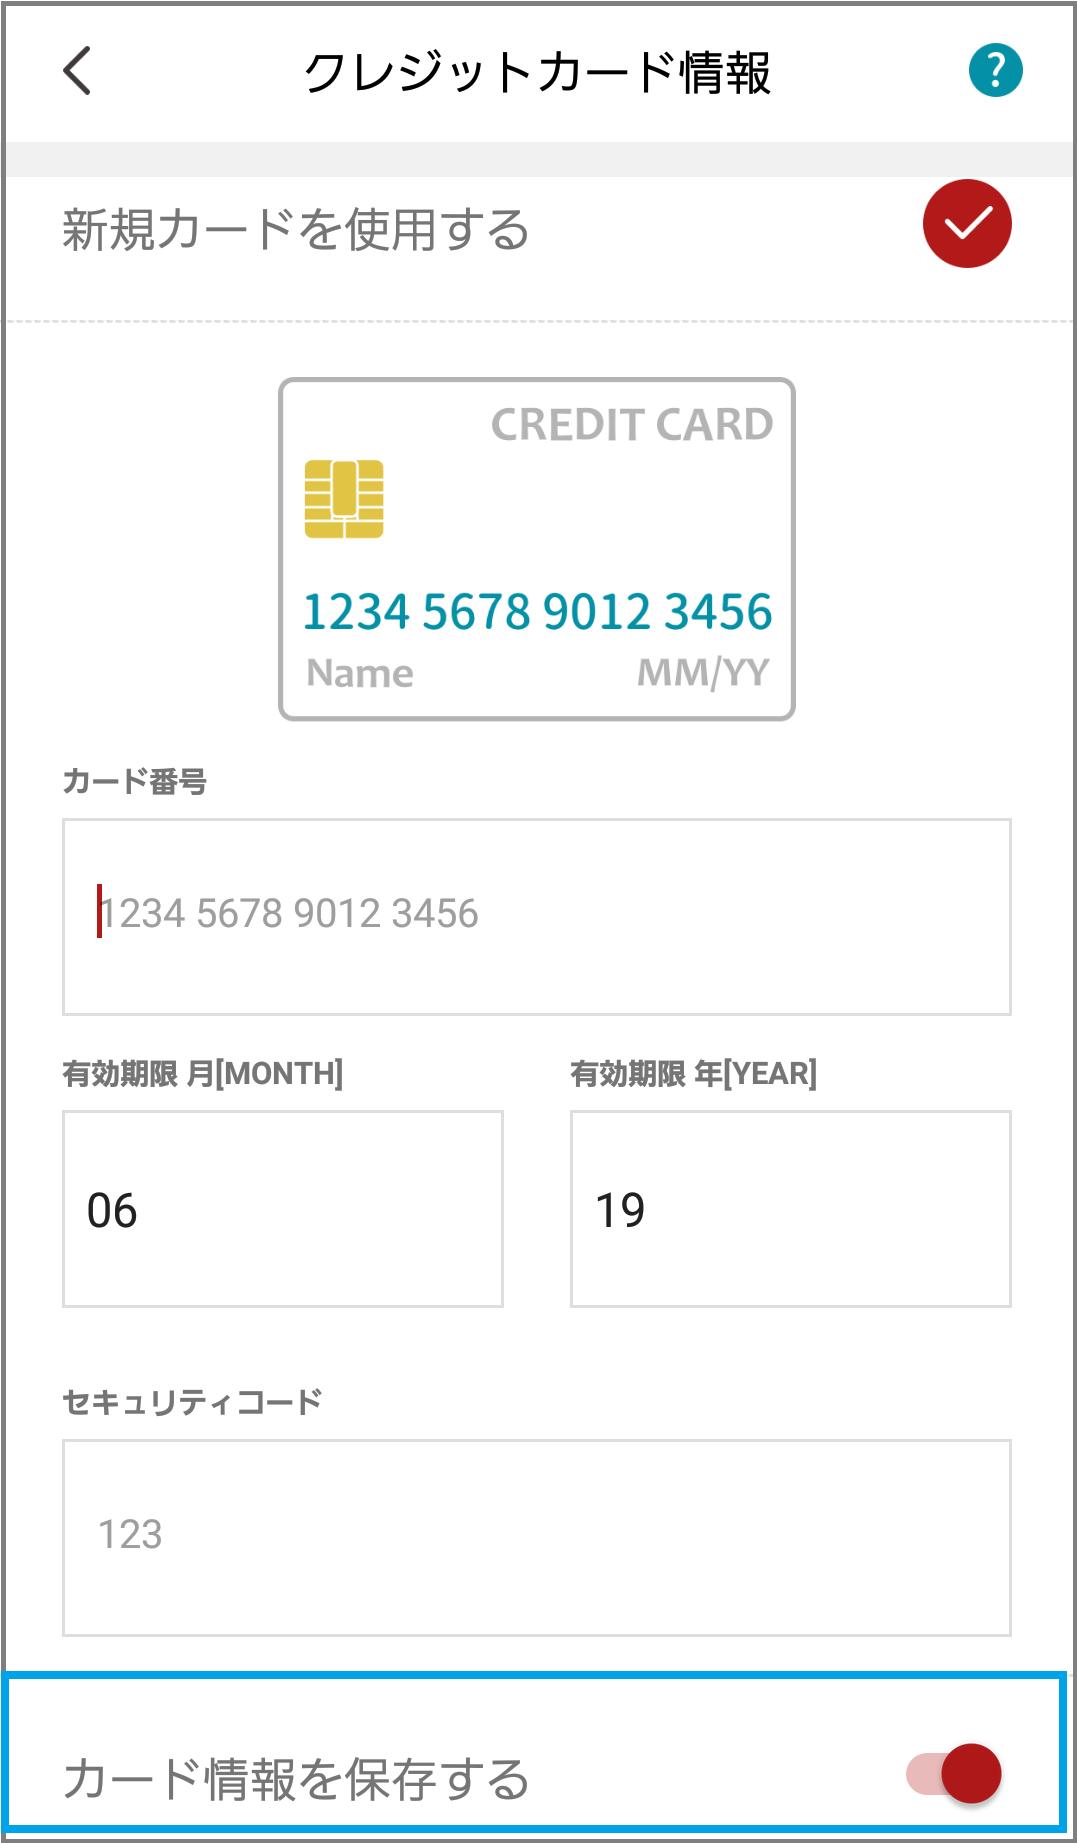 クレジット カード 番号 と は